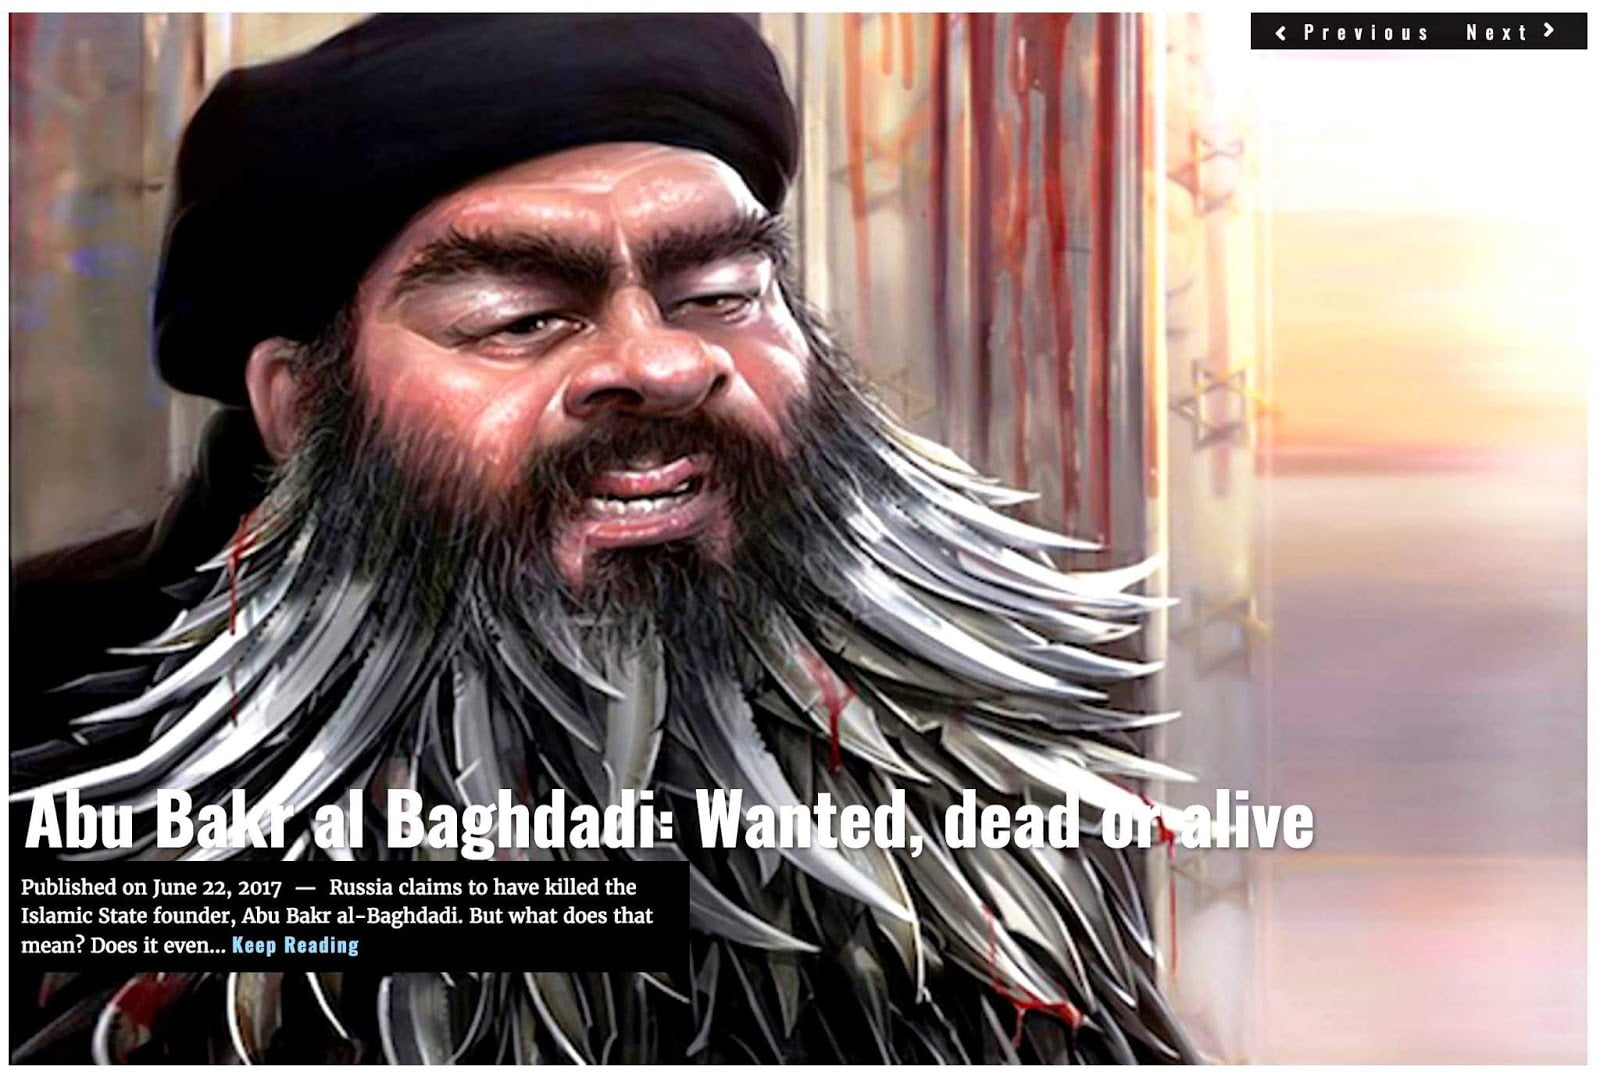 Αλ-Μπαγντάτι, ένα παλιό σκιάχτρο που αλλάζει στην κατάλληλη στιγμή την αφήγηση για την απόσυρση των ΗΠΑ από τη Συρία